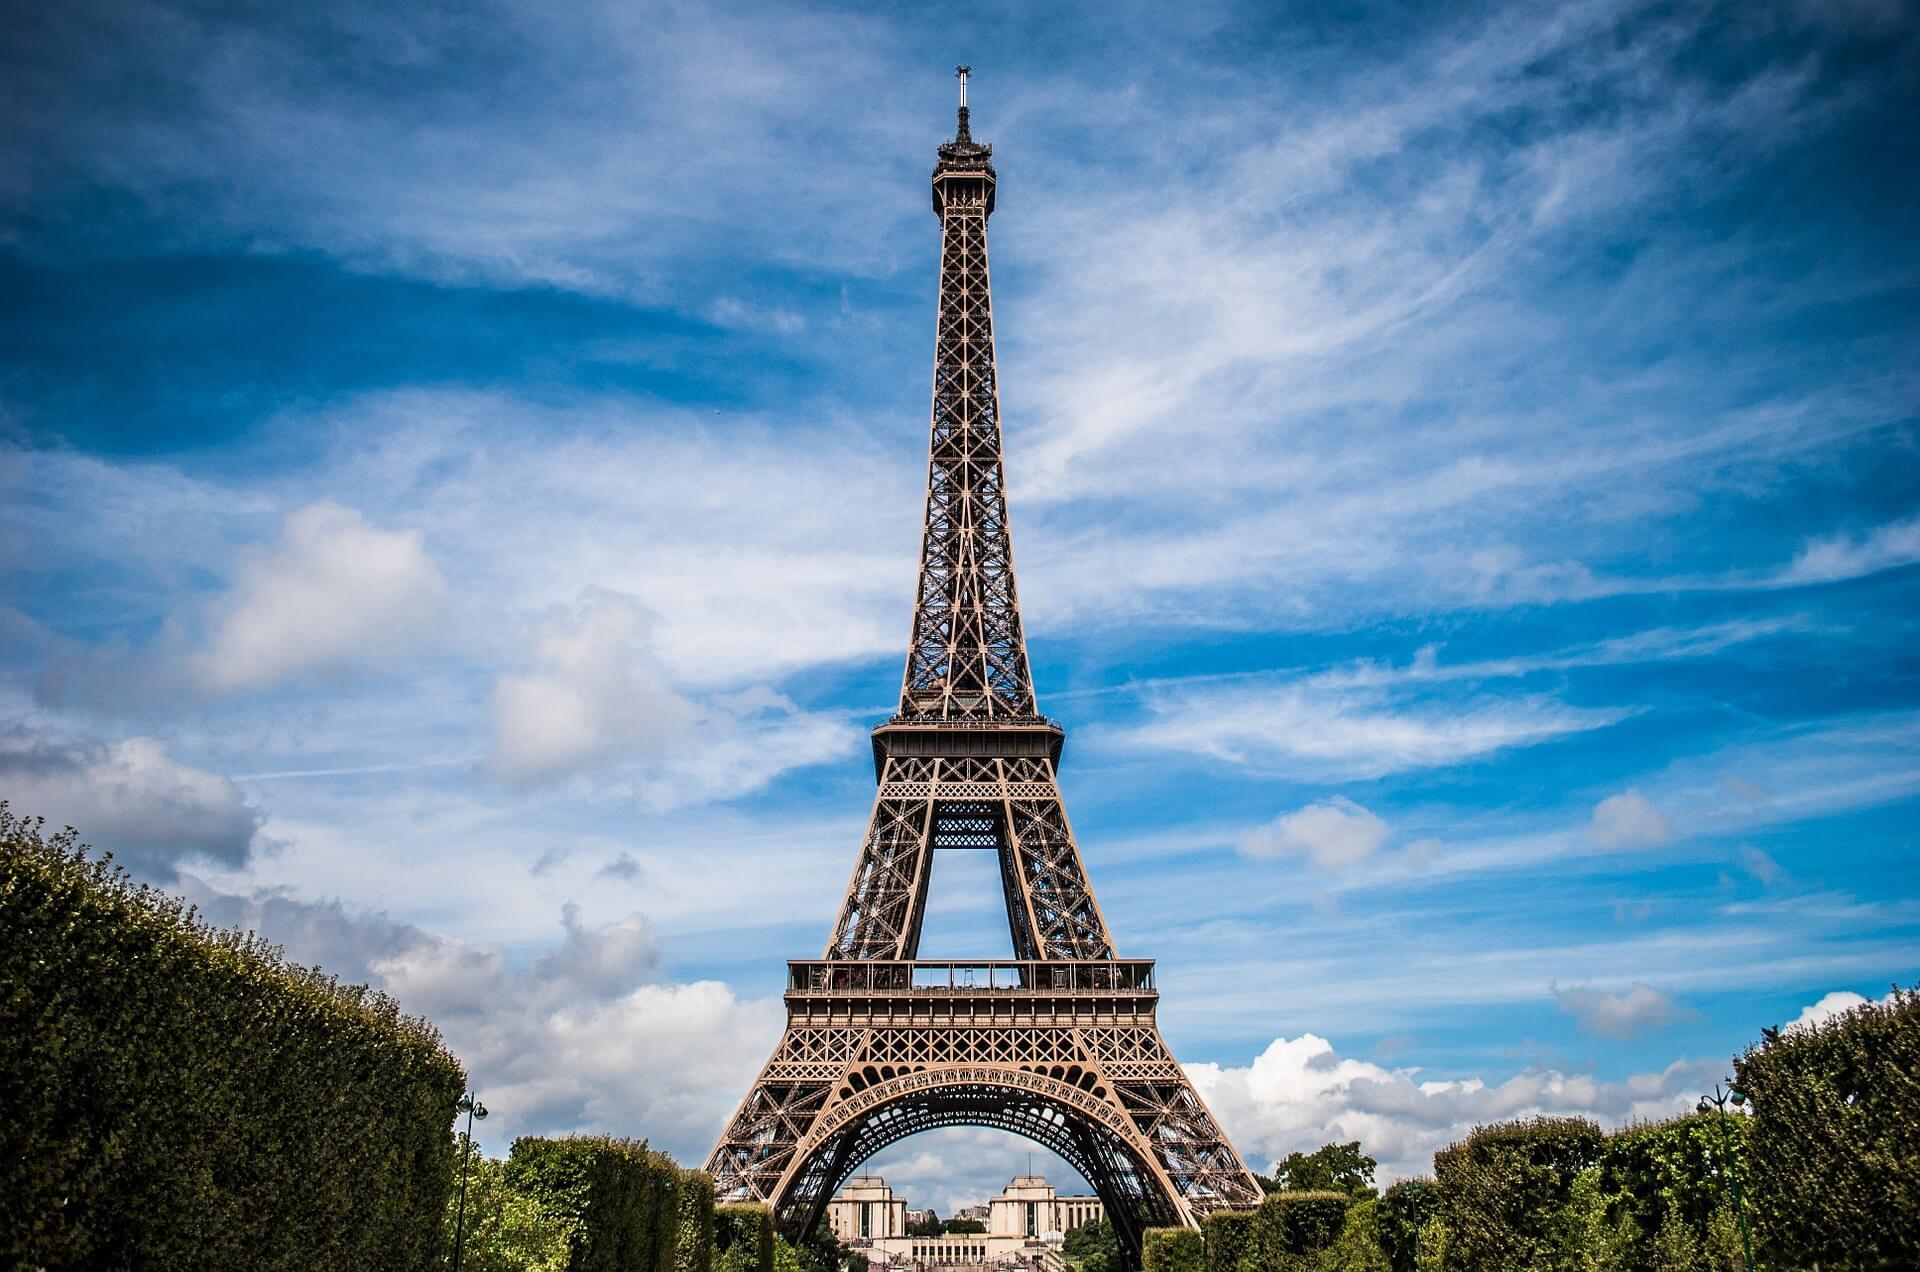 torre-eiffel-francia